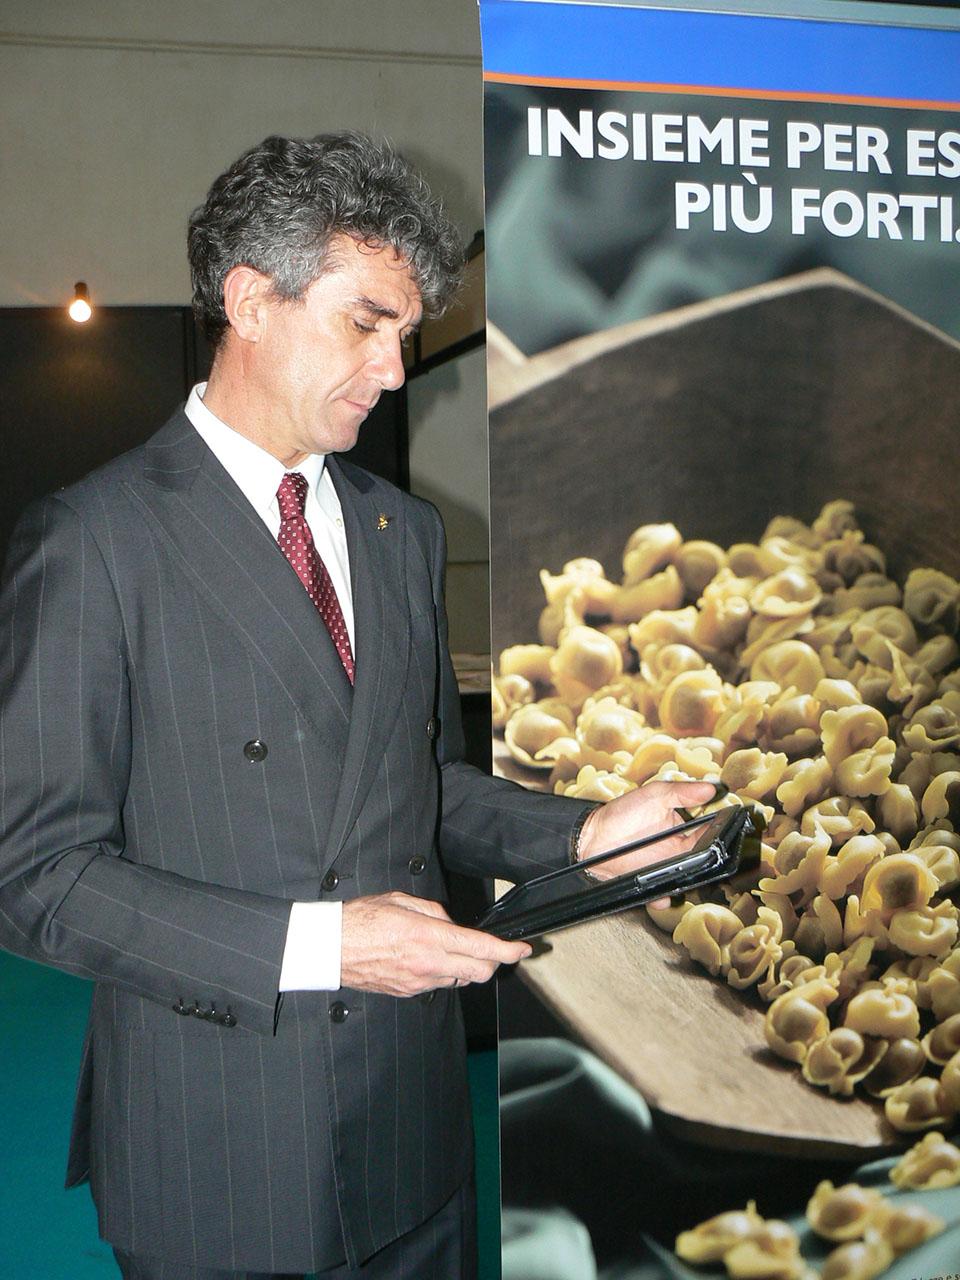 Appafre promuove le eccellenze dei pastai associati